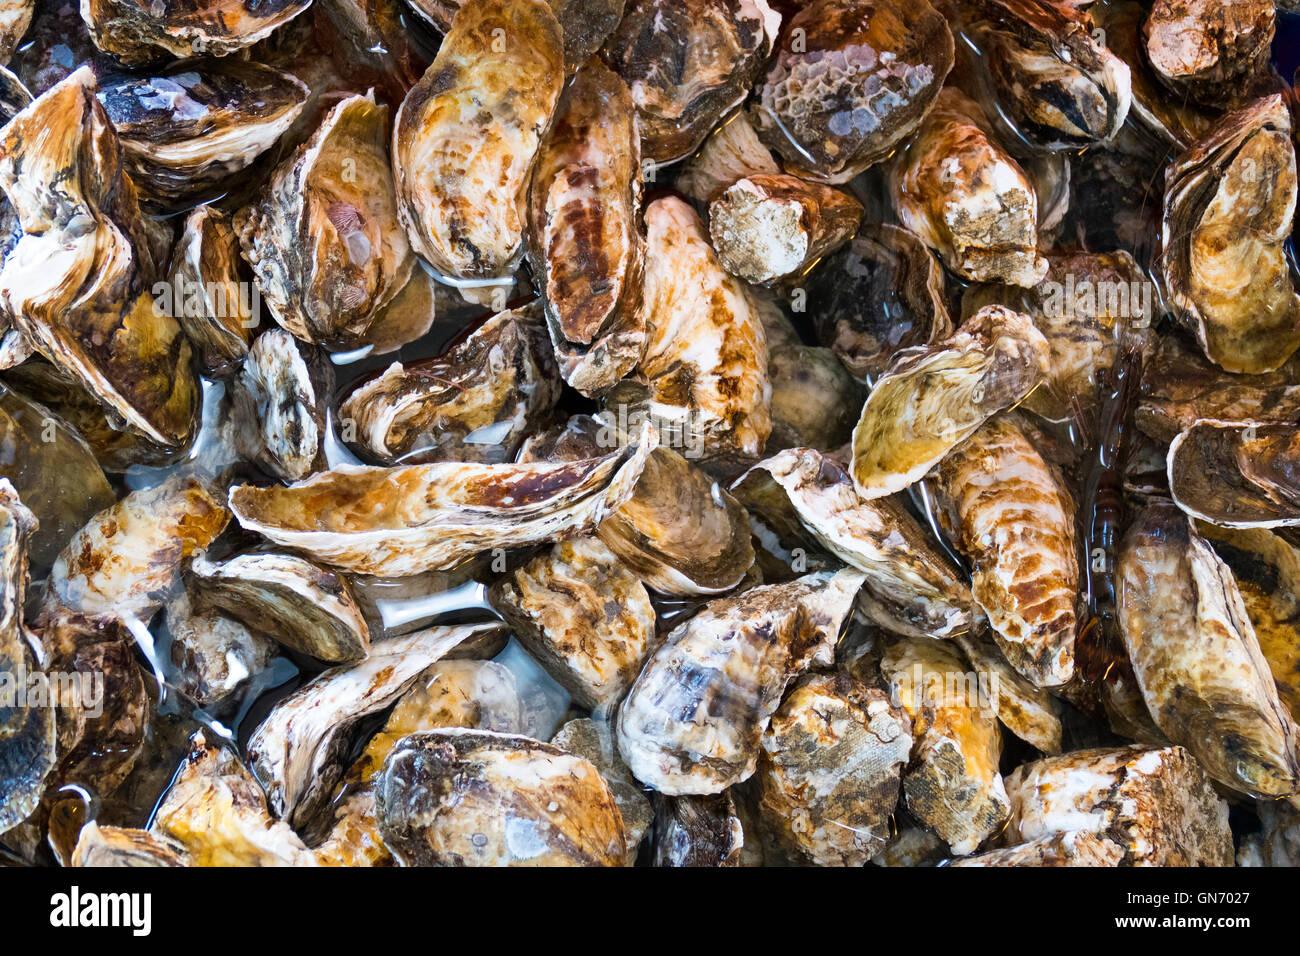 De grandes quantités d'Huîtres Photo Stock